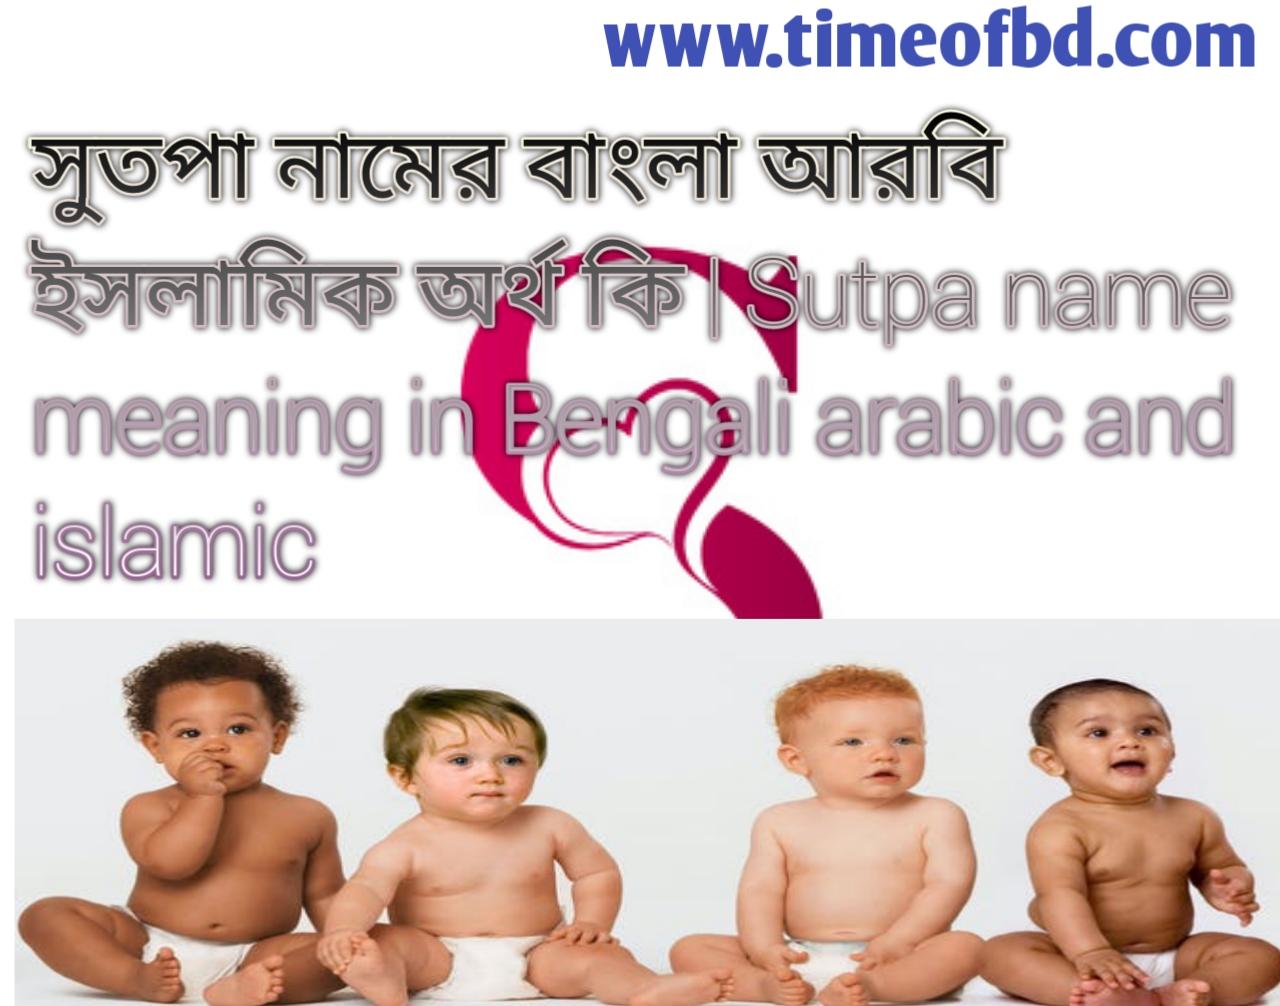 সুতপা নামের অর্থ কি, সুতপা নামের বাংলা অর্থ কি, সুতপা নামের ইসলামিক অর্থ কি, Sutpa name meaning in Bengali, সুতপা কি ইসলামিক নাম,